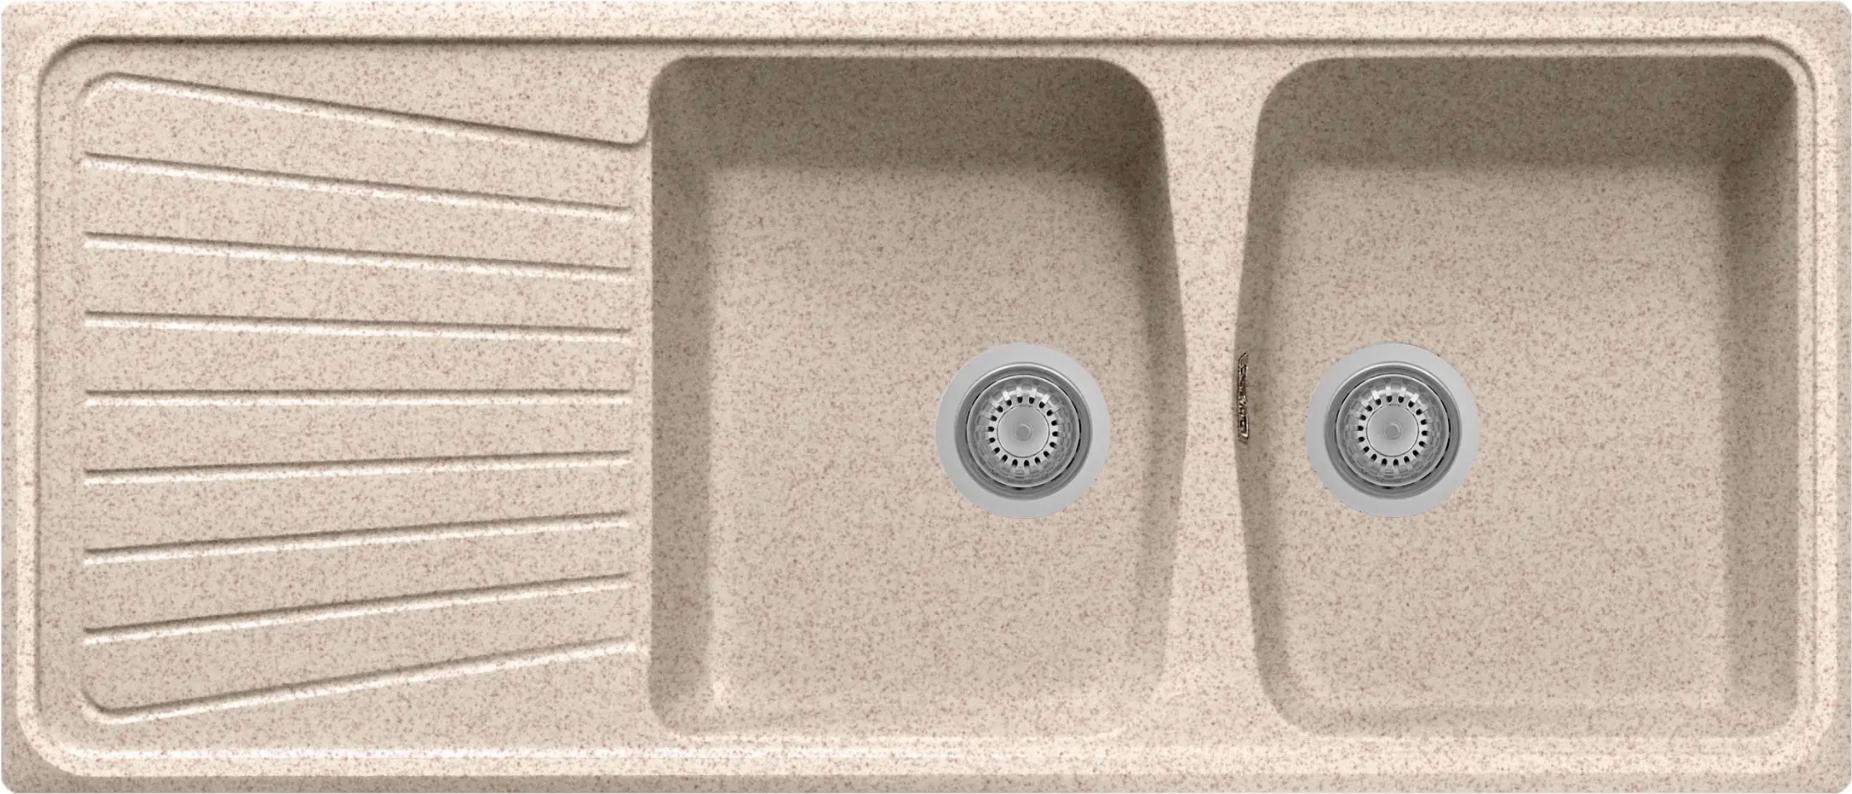 Lavello cucina plados lavello fragranite avena sp1162ug94 - Lavello cucina fragranite ...